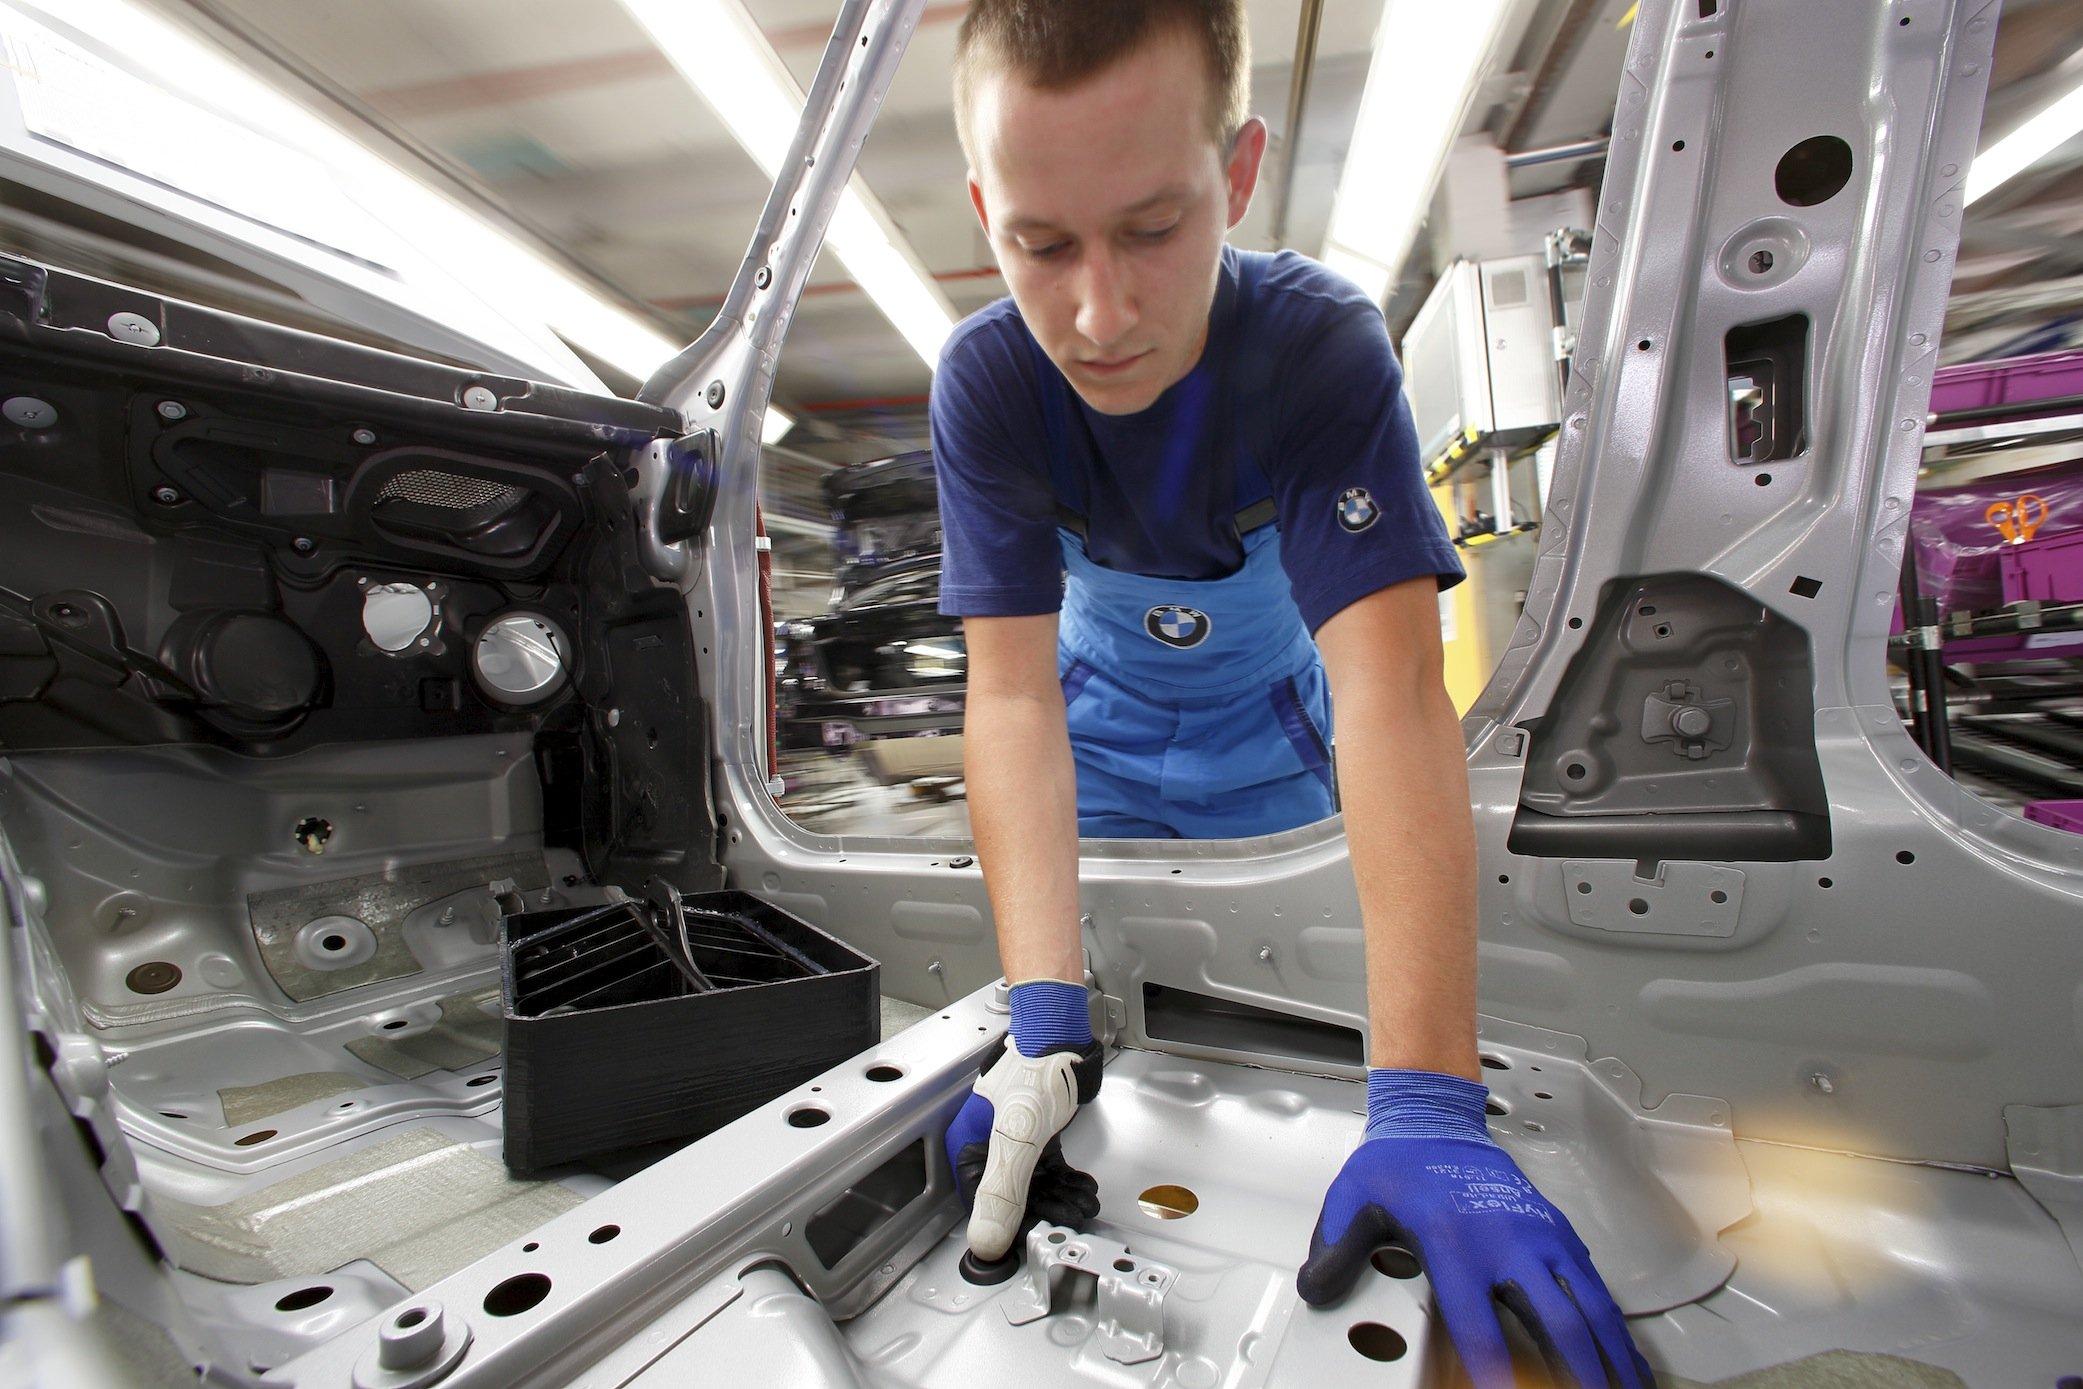 Im der gleiche Knopfdruck mit dem Daumen: Für Montagemitarbeiter fertigt BMW mit dem 3D-Drucker ein ergonomisches Hilfswerkzeug, das die Daumen vor übermäßiger Belastung schützt. Es wird für jeden Mitarbeiter individuell hergestellt.